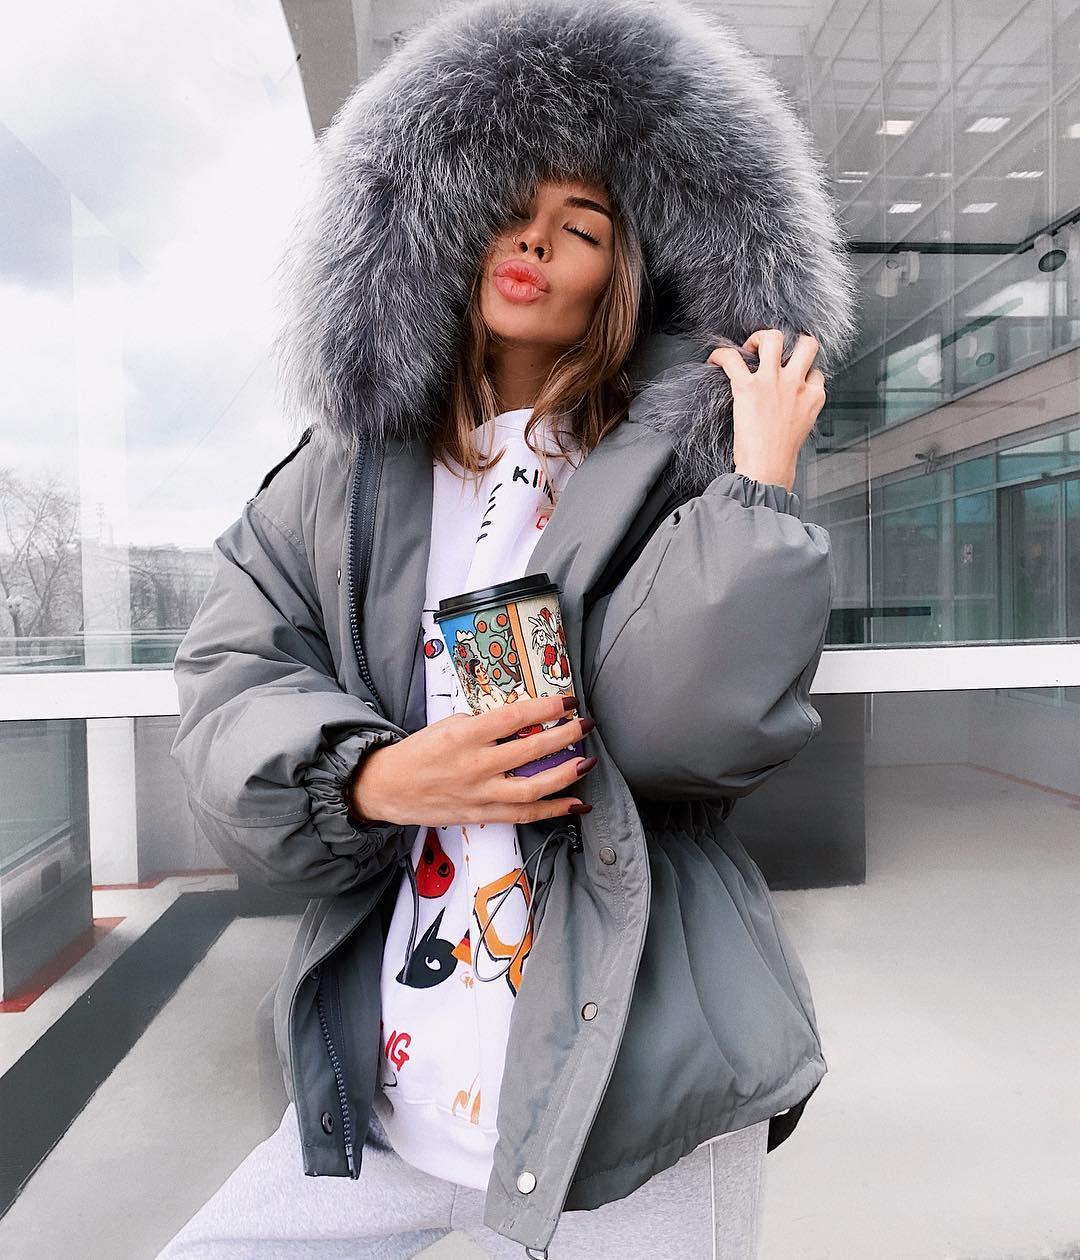 Куртки зима 2019 фото 1